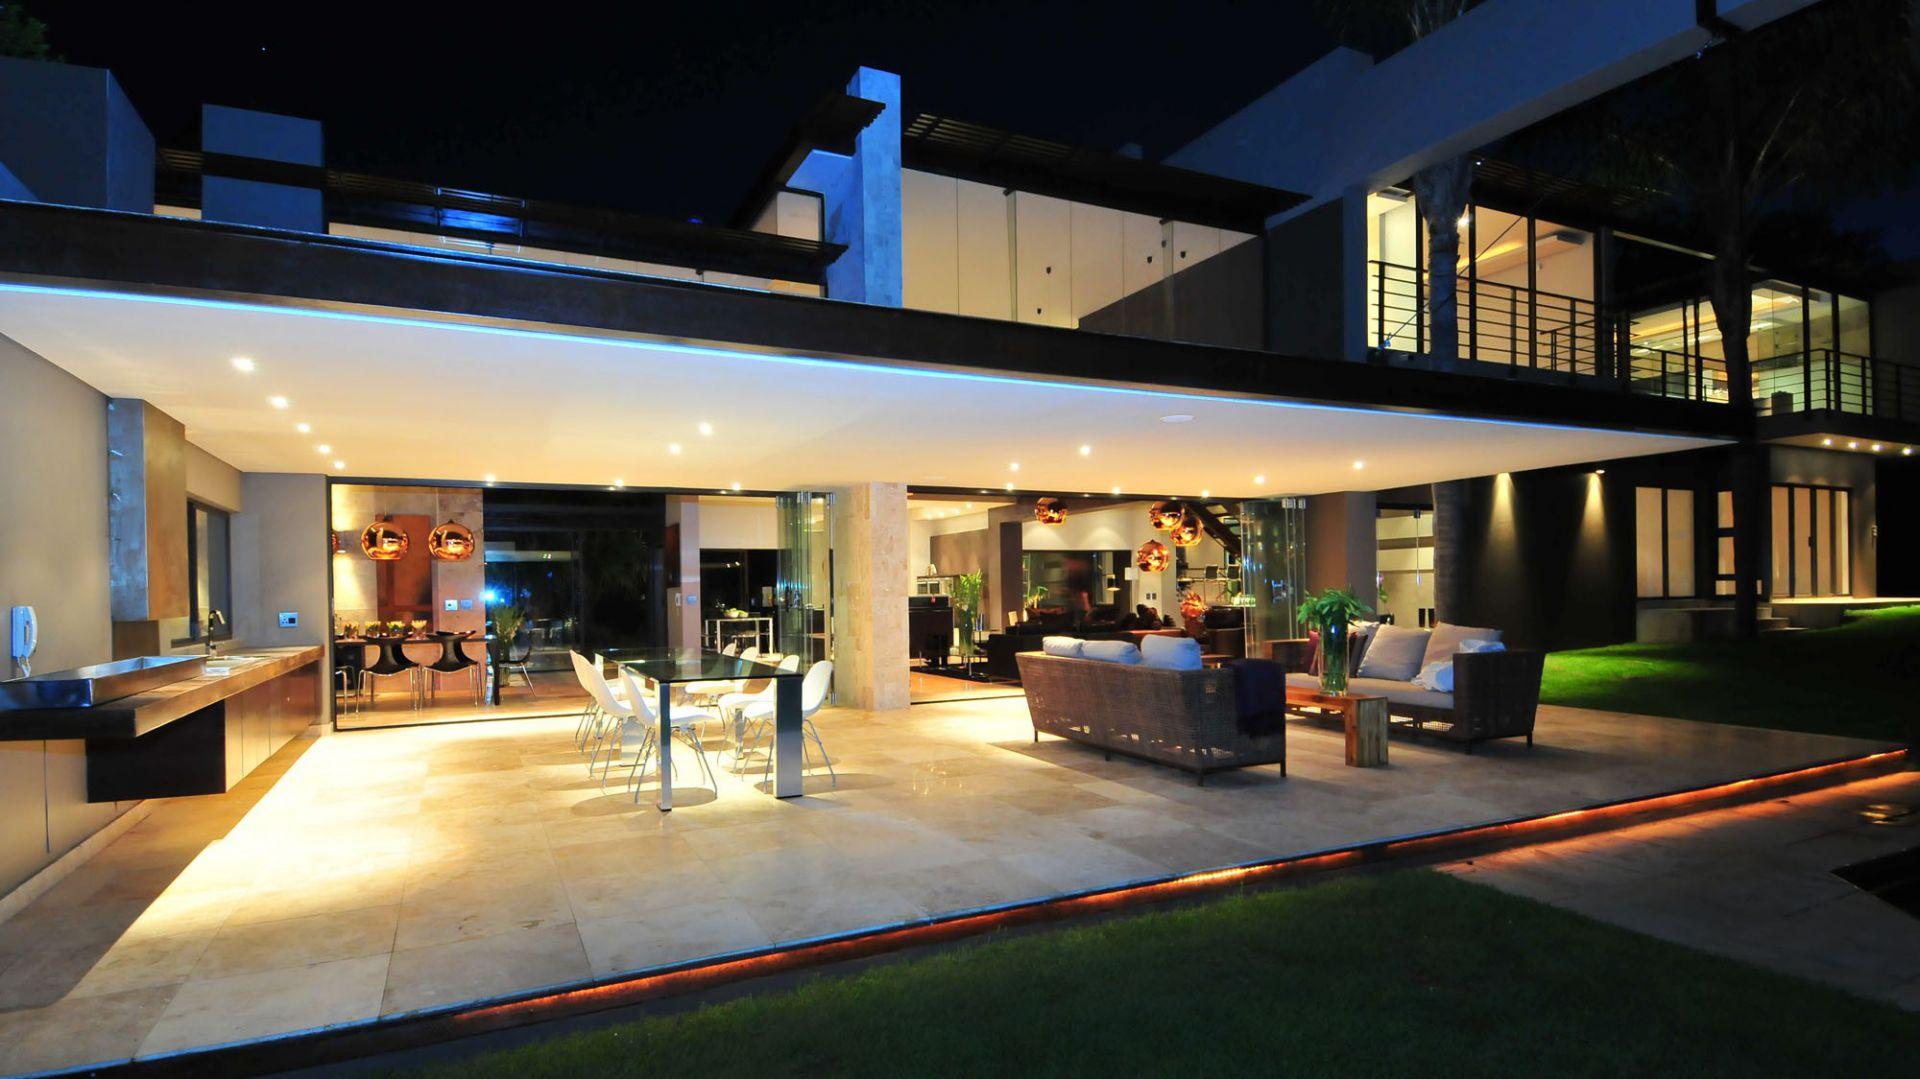 Fot iidudu budujemy taras pi kne i praktyczne rozwi zania for Baguio villa interior design